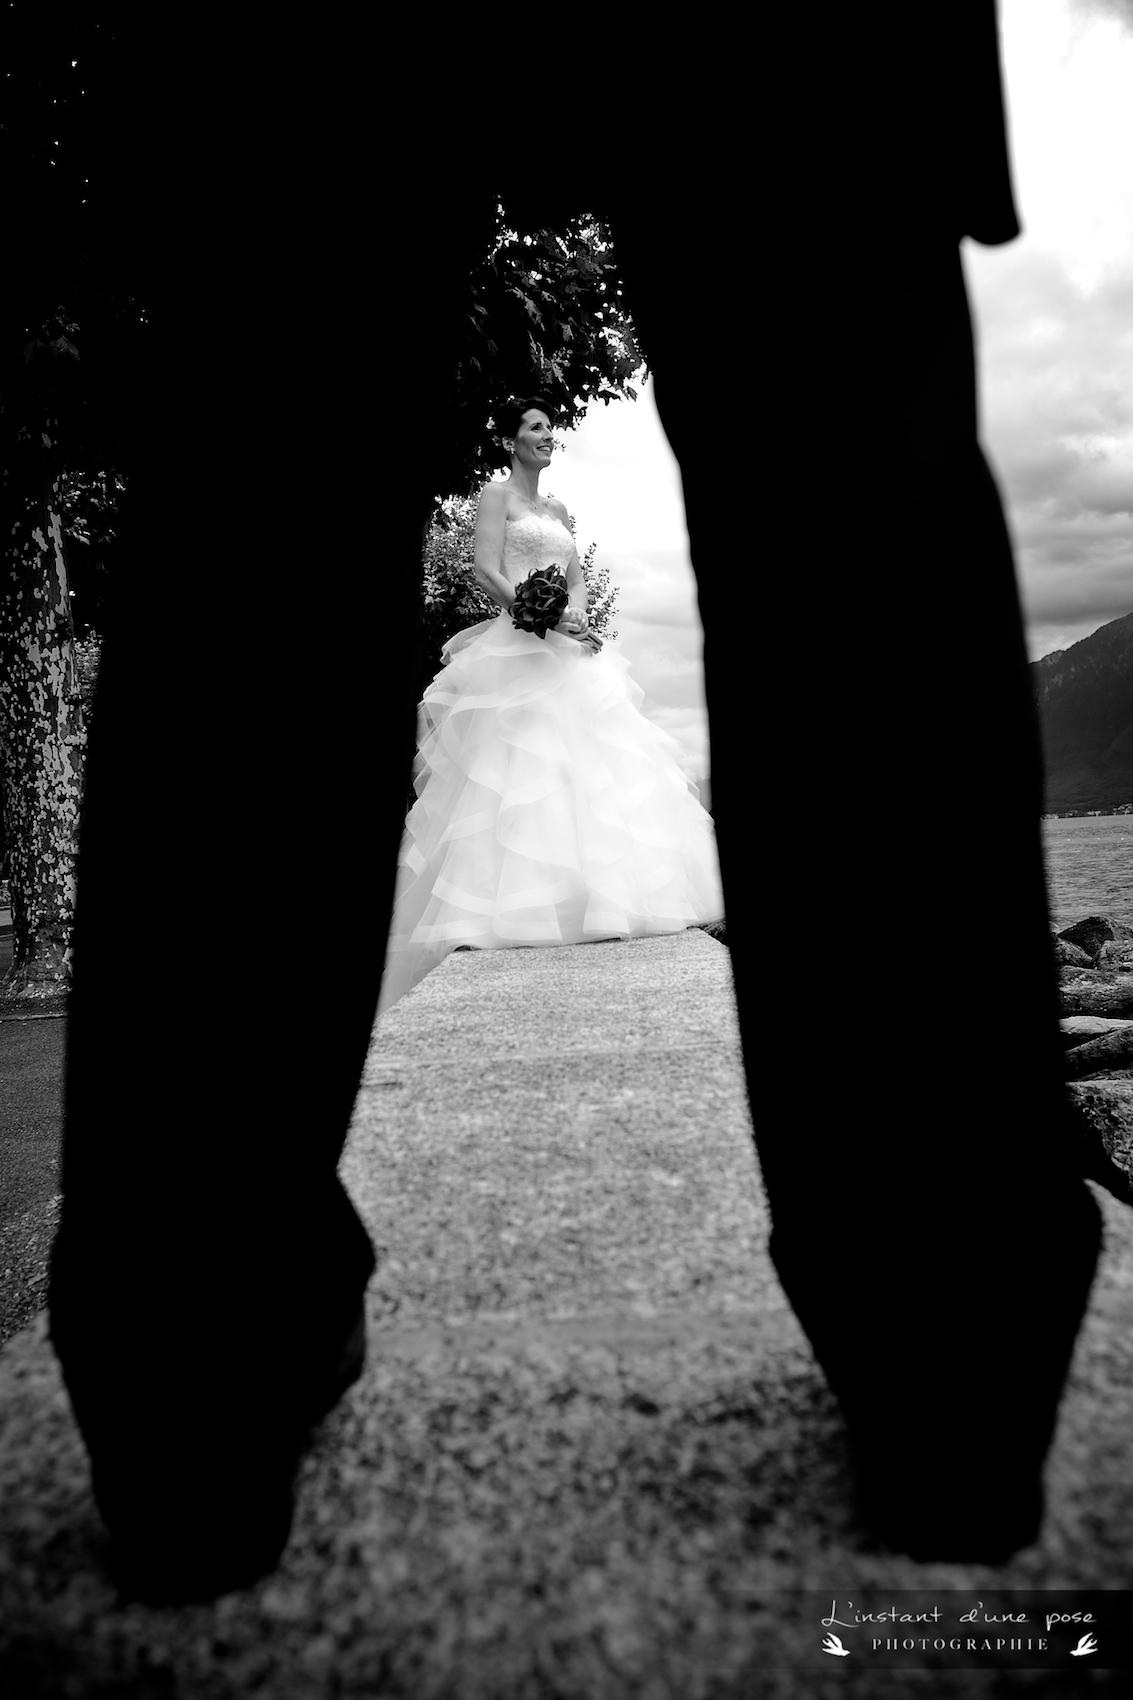 A&N_les mariés 147